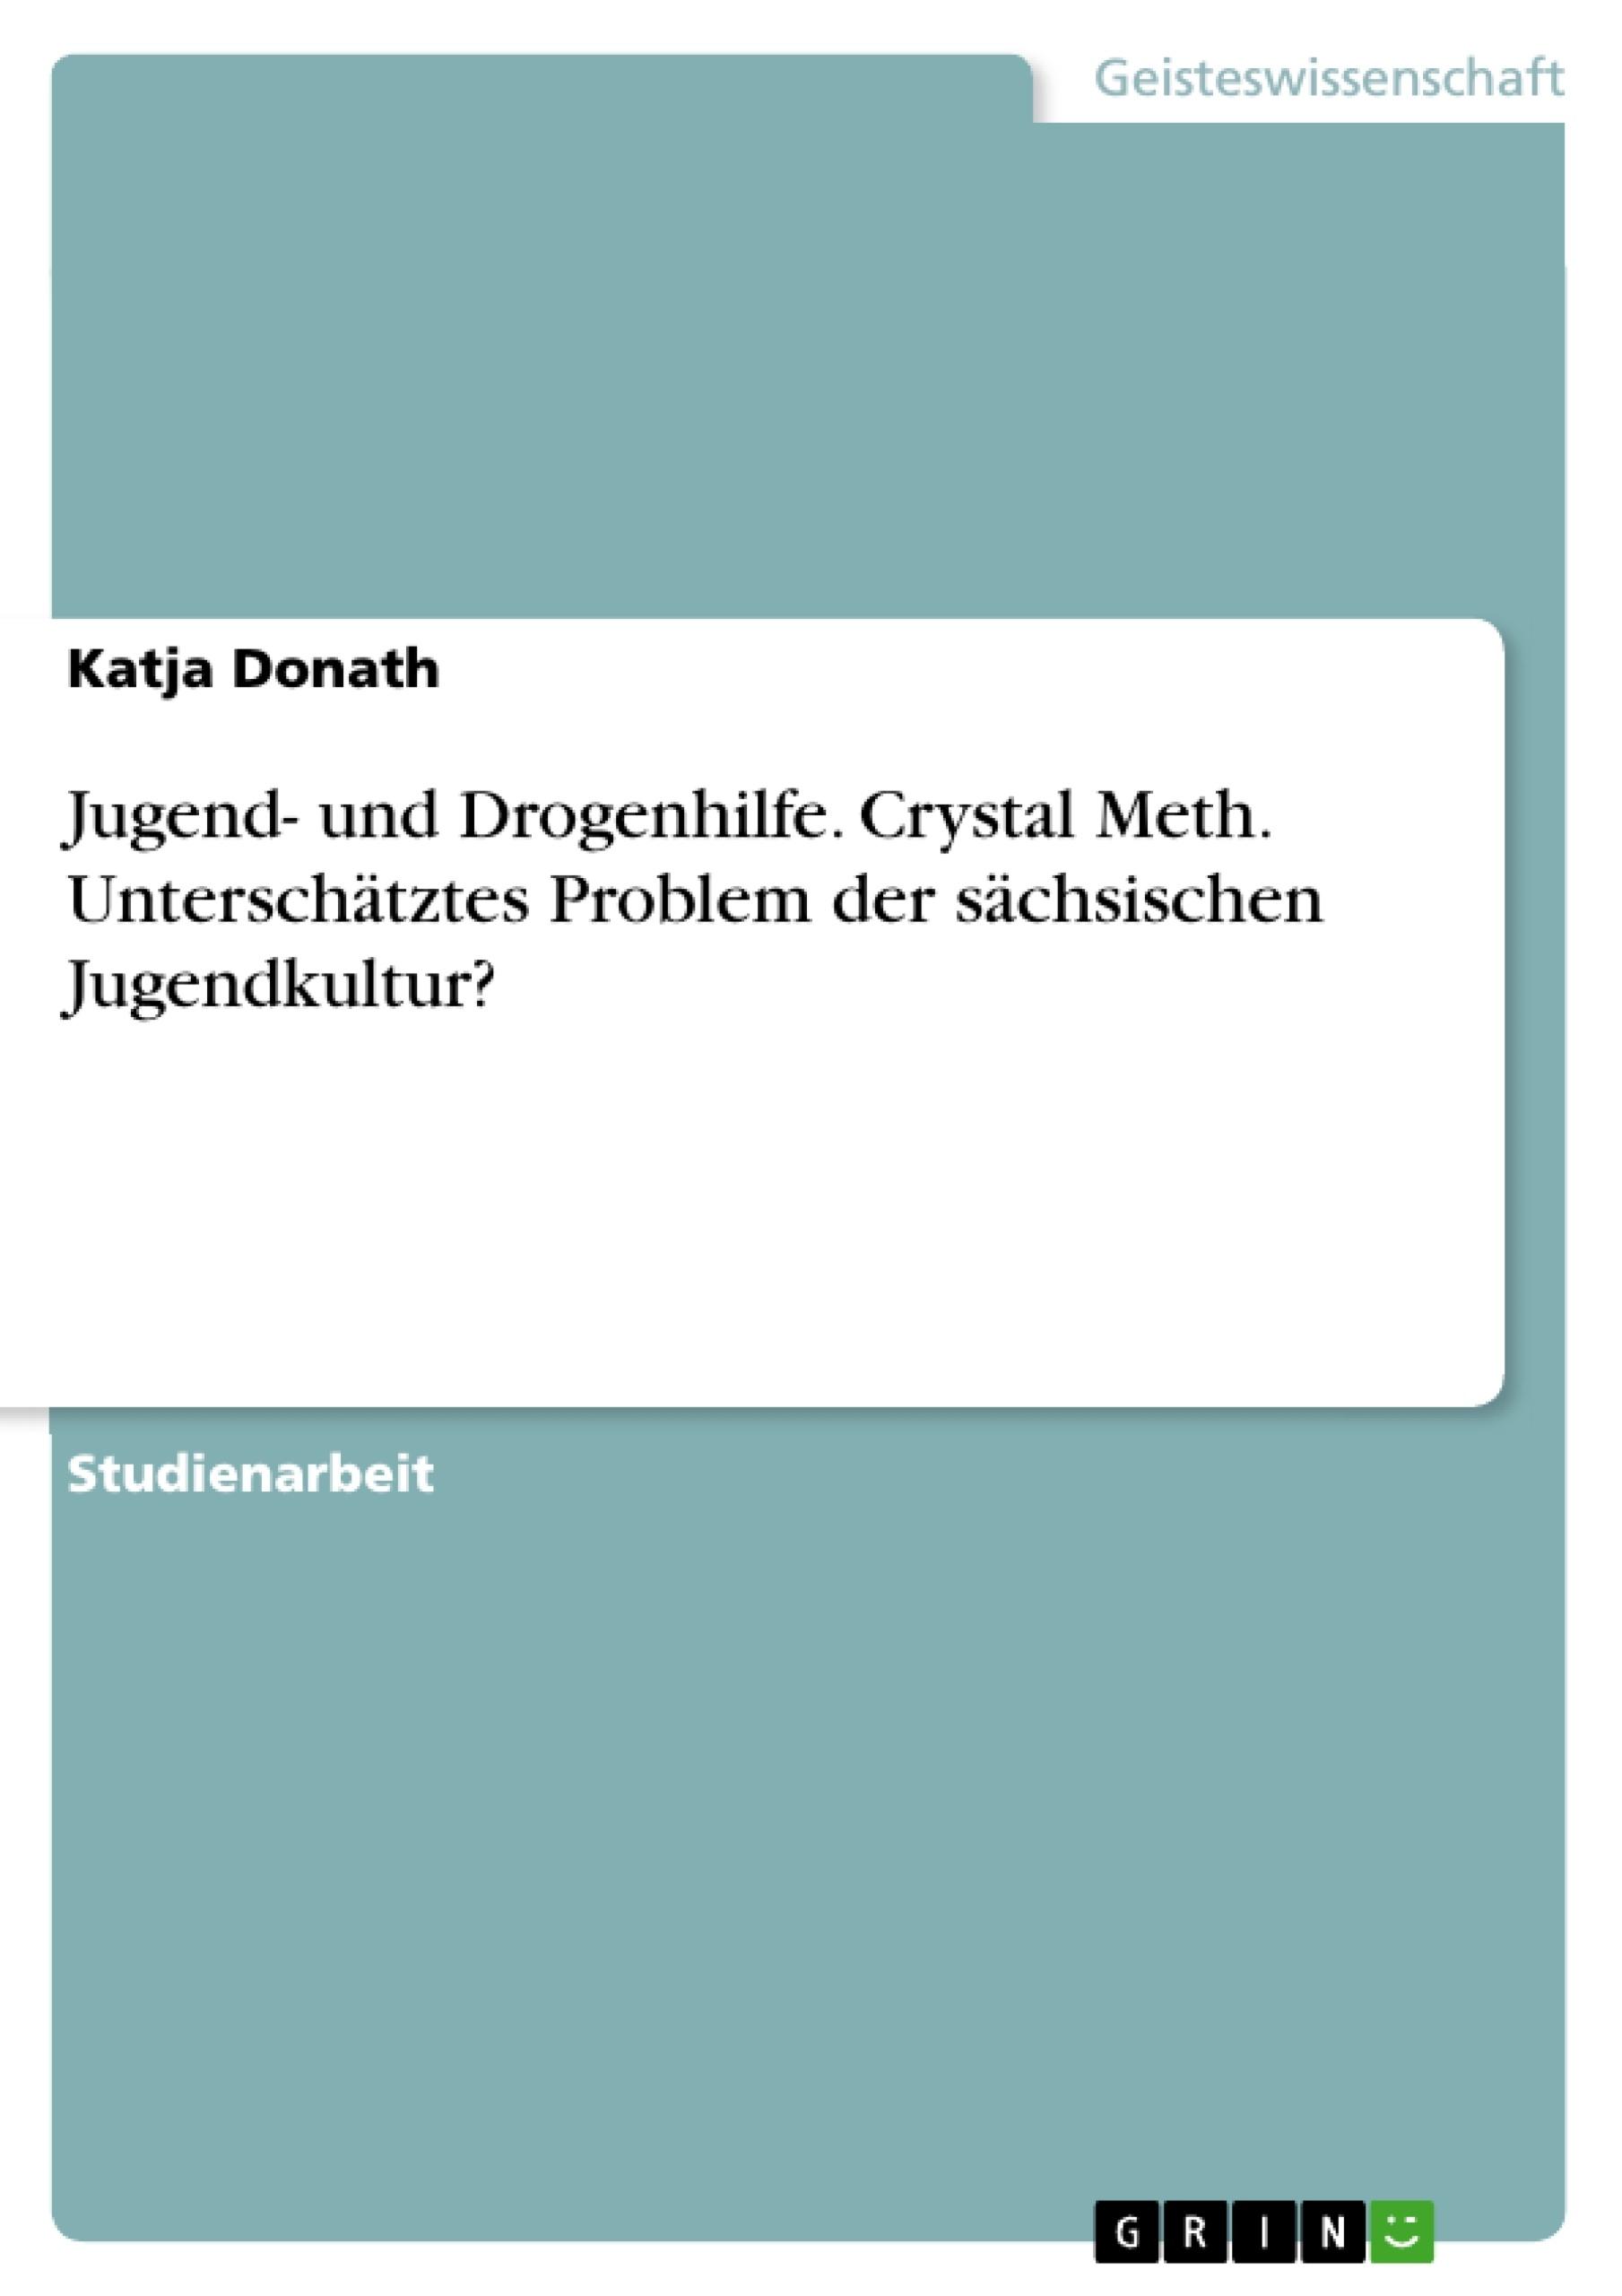 Titel: Jugend- und Drogenhilfe. Crystal Meth. Unterschätztes Problem der sächsischen Jugendkultur?